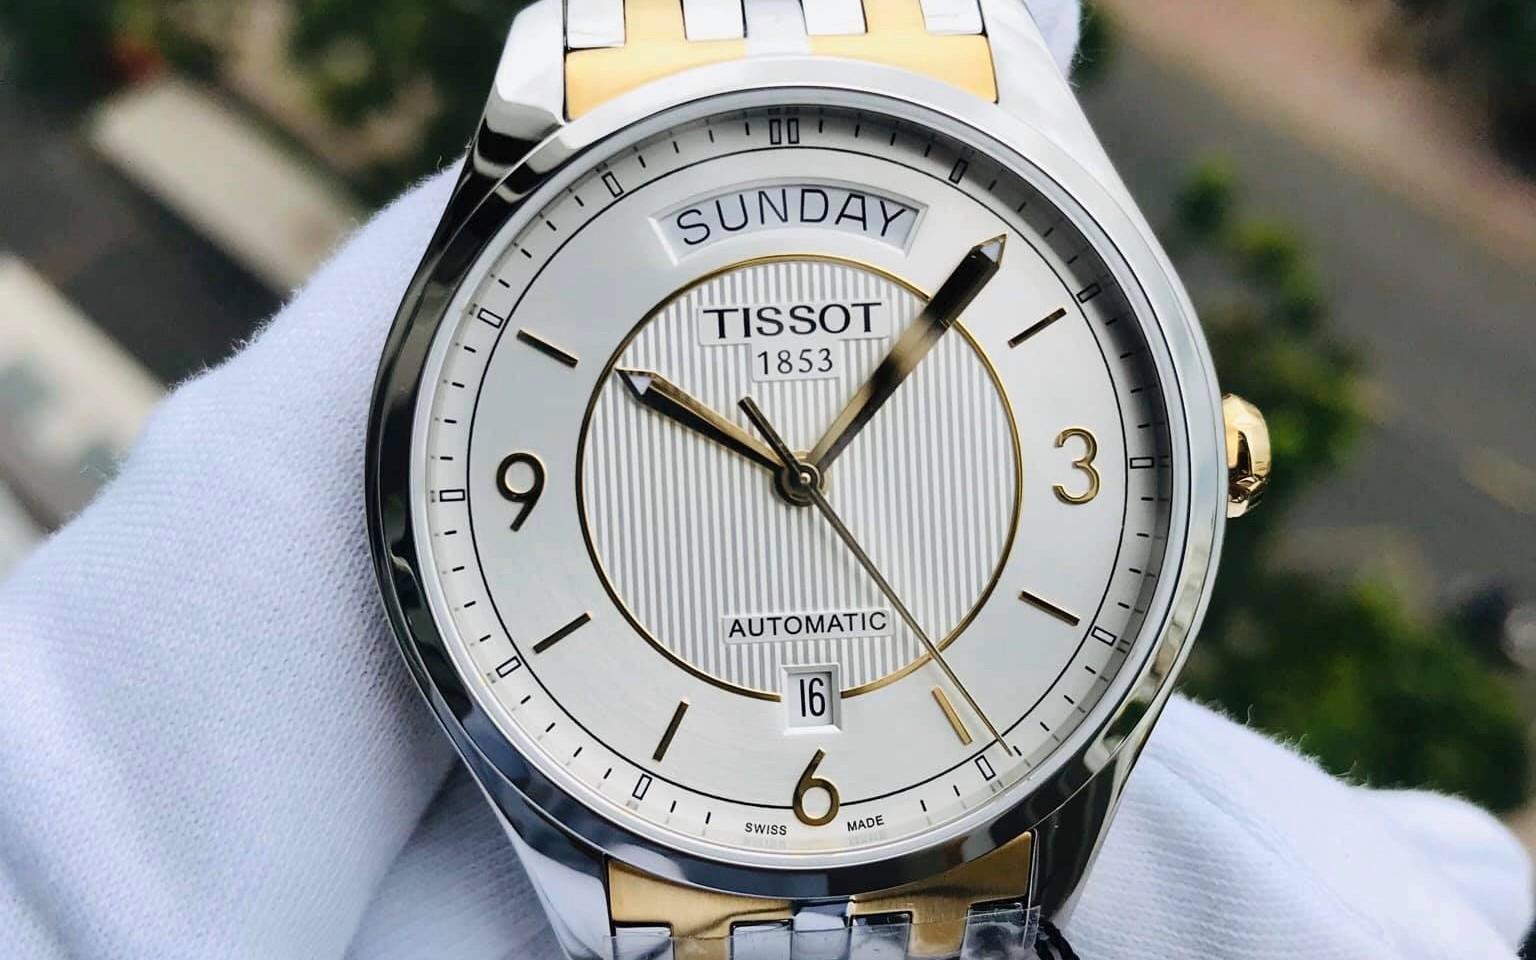 Đồng hồ nam Tissot T-One máy cơ khí đang có sẵn tại Xship.vn